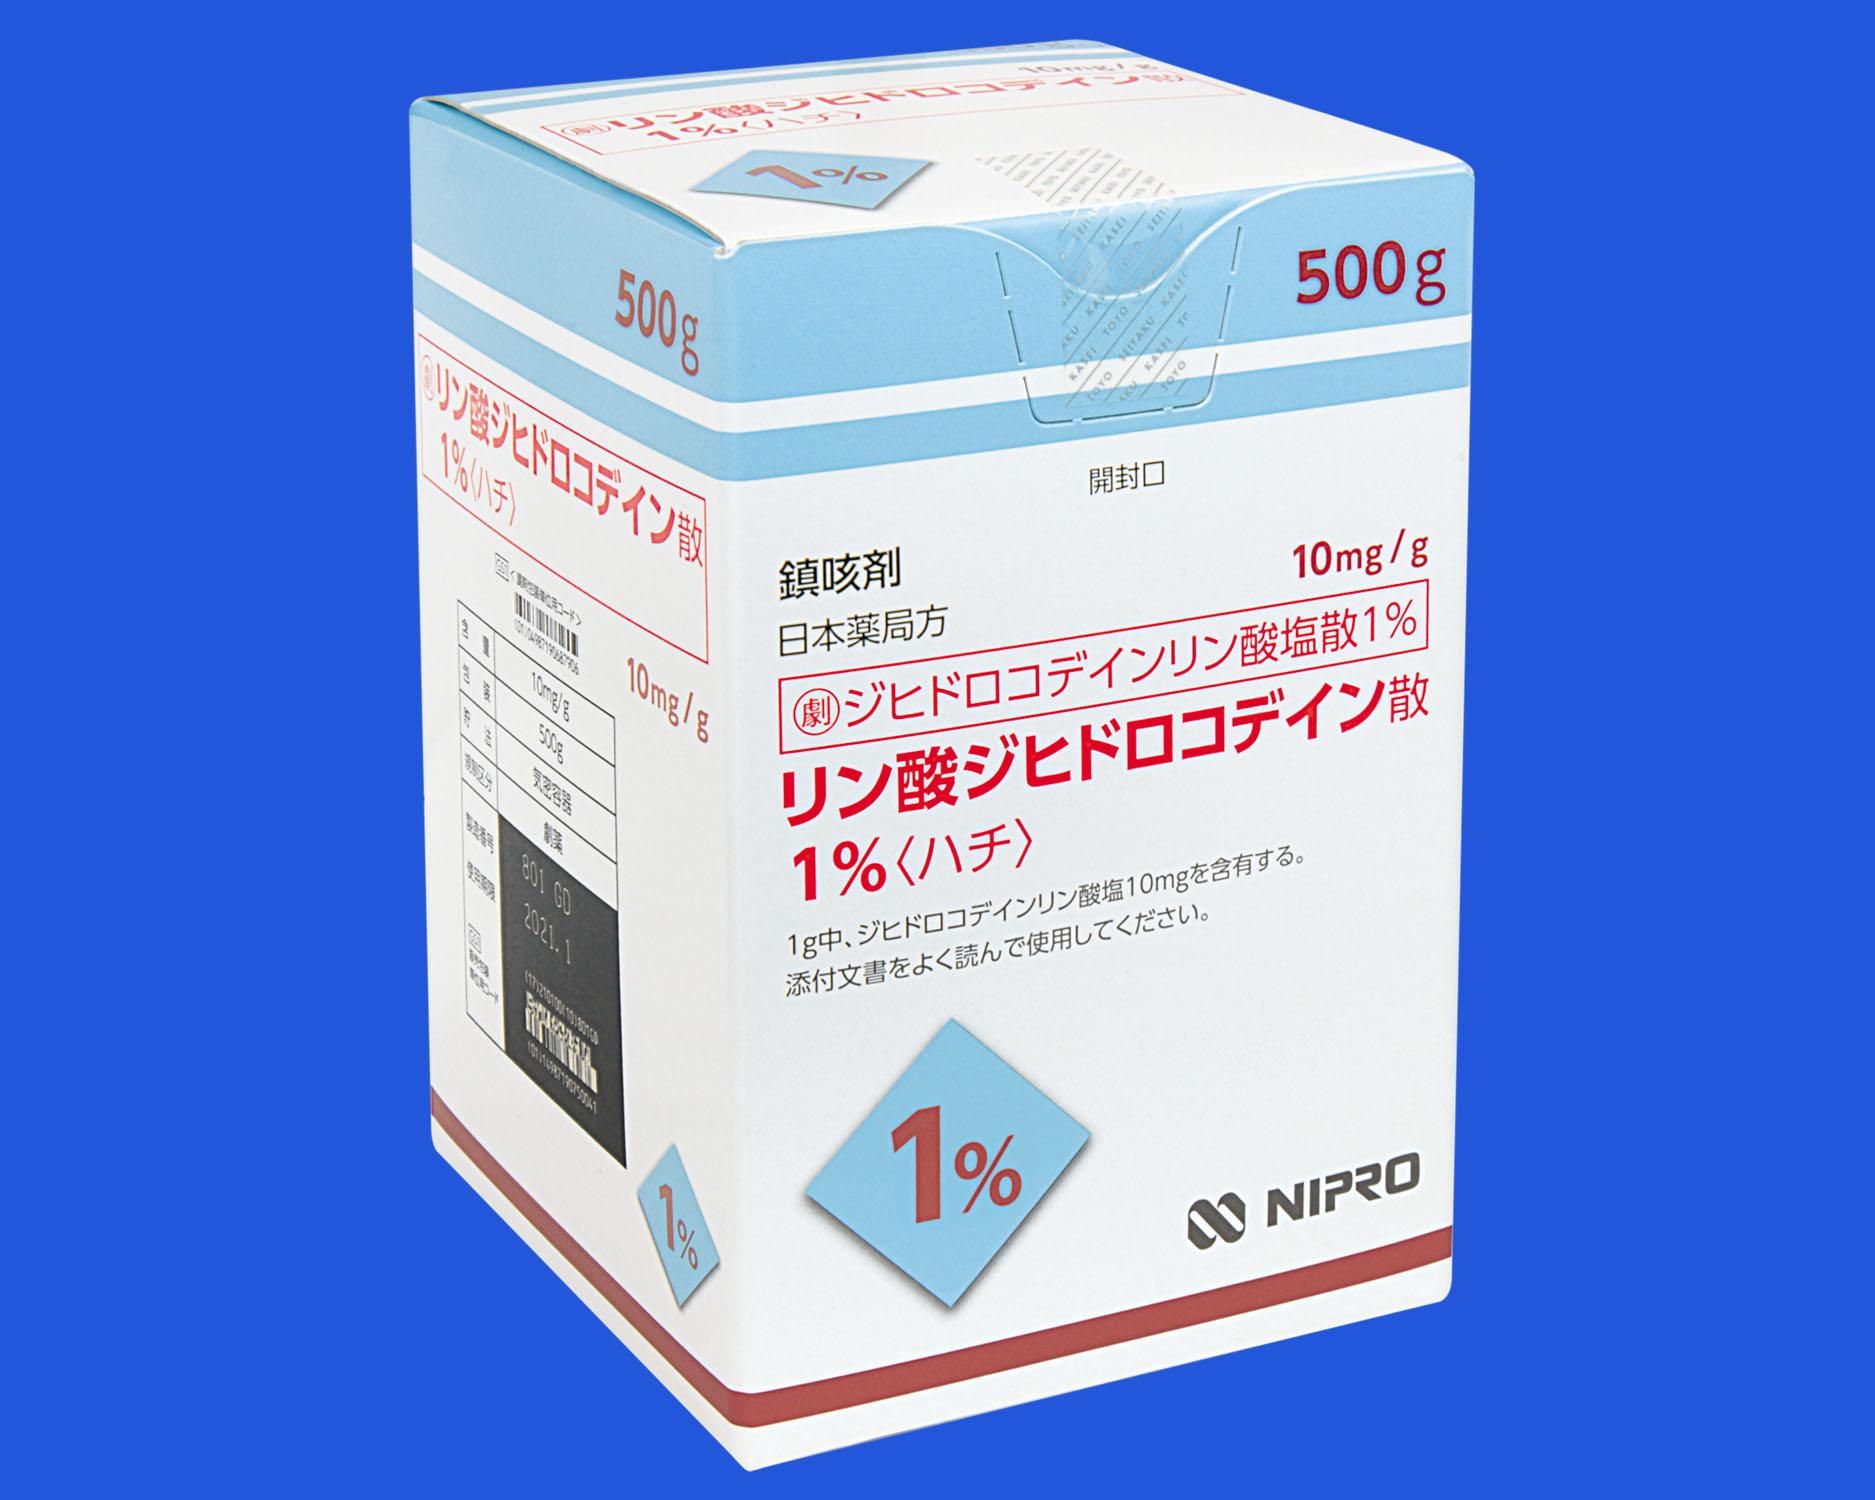 リン ファン 塩 メモル ジ 酸